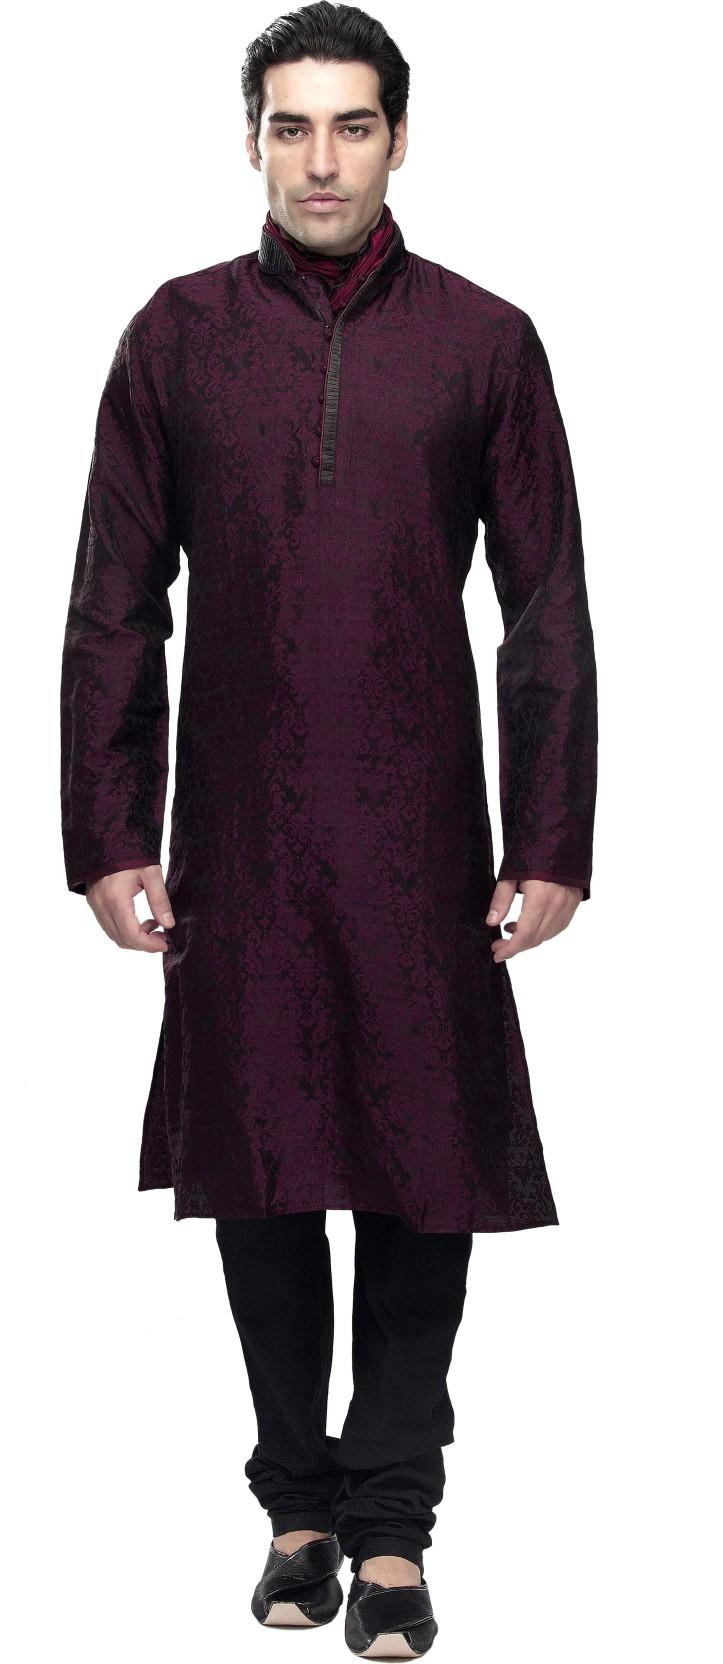 d3a3430b34 Manyavar Men's Kurta and Churidar Set - Buy Purple Manyavar Men's ...